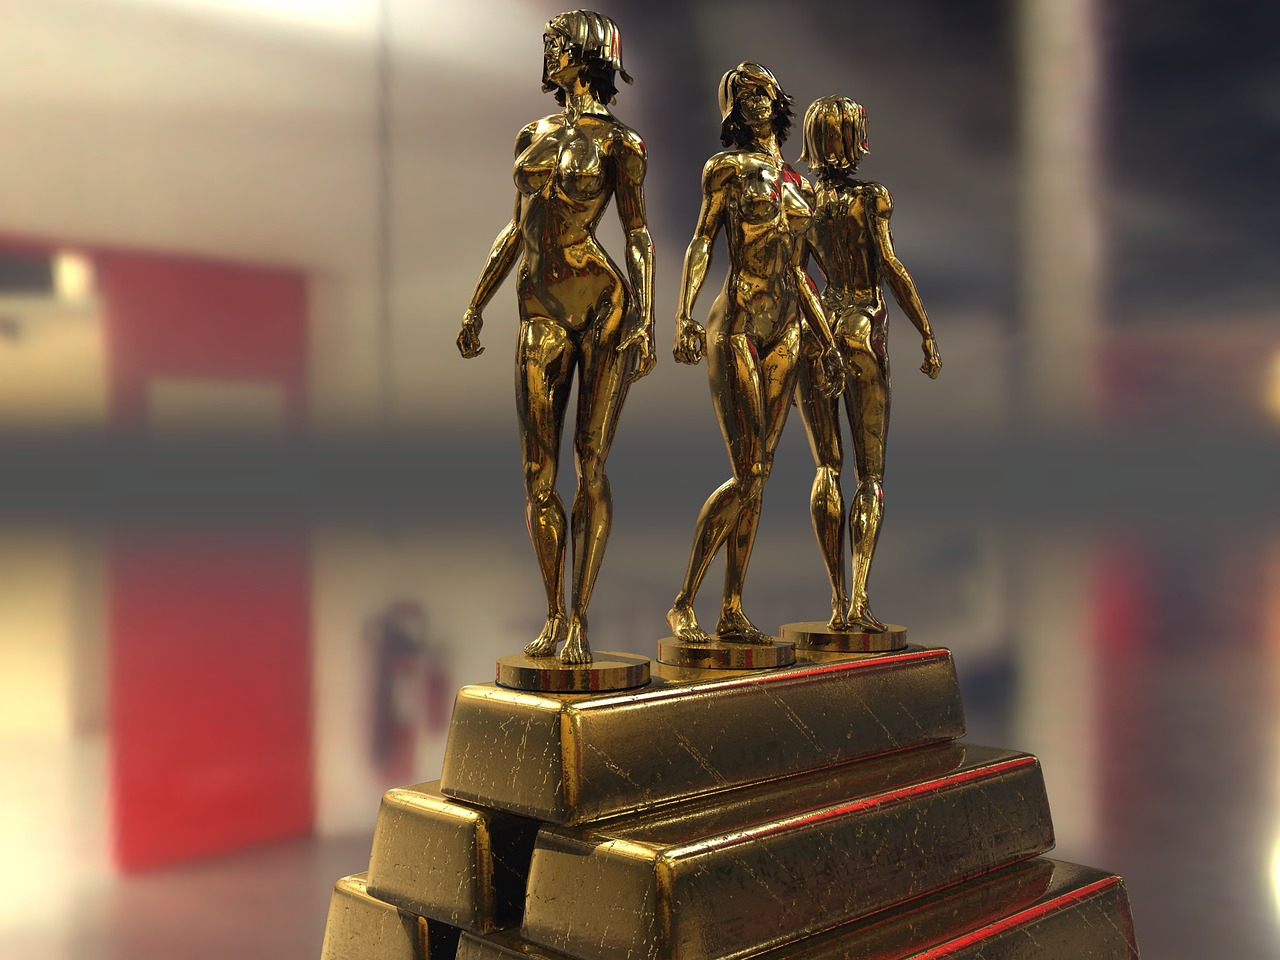 You are currently viewing Acheter des lingots d'or ou des pièces d'or?